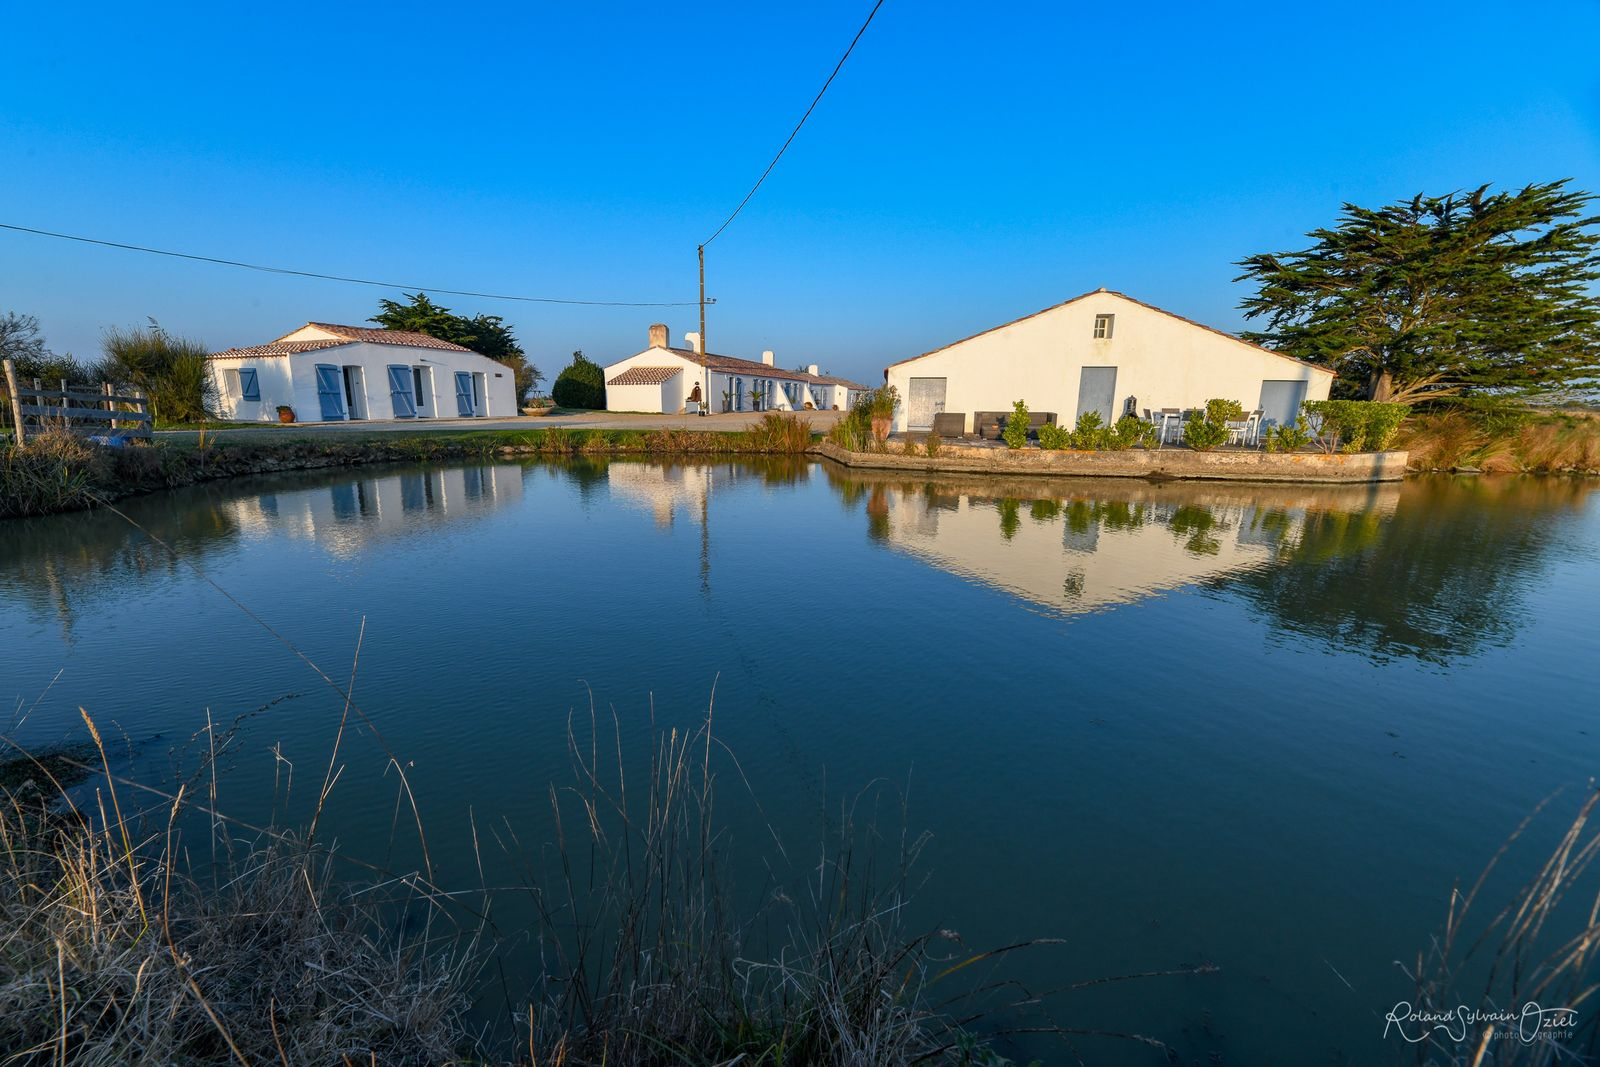 Vue de l'ensemble de la propriété sur 1..5 hectare.